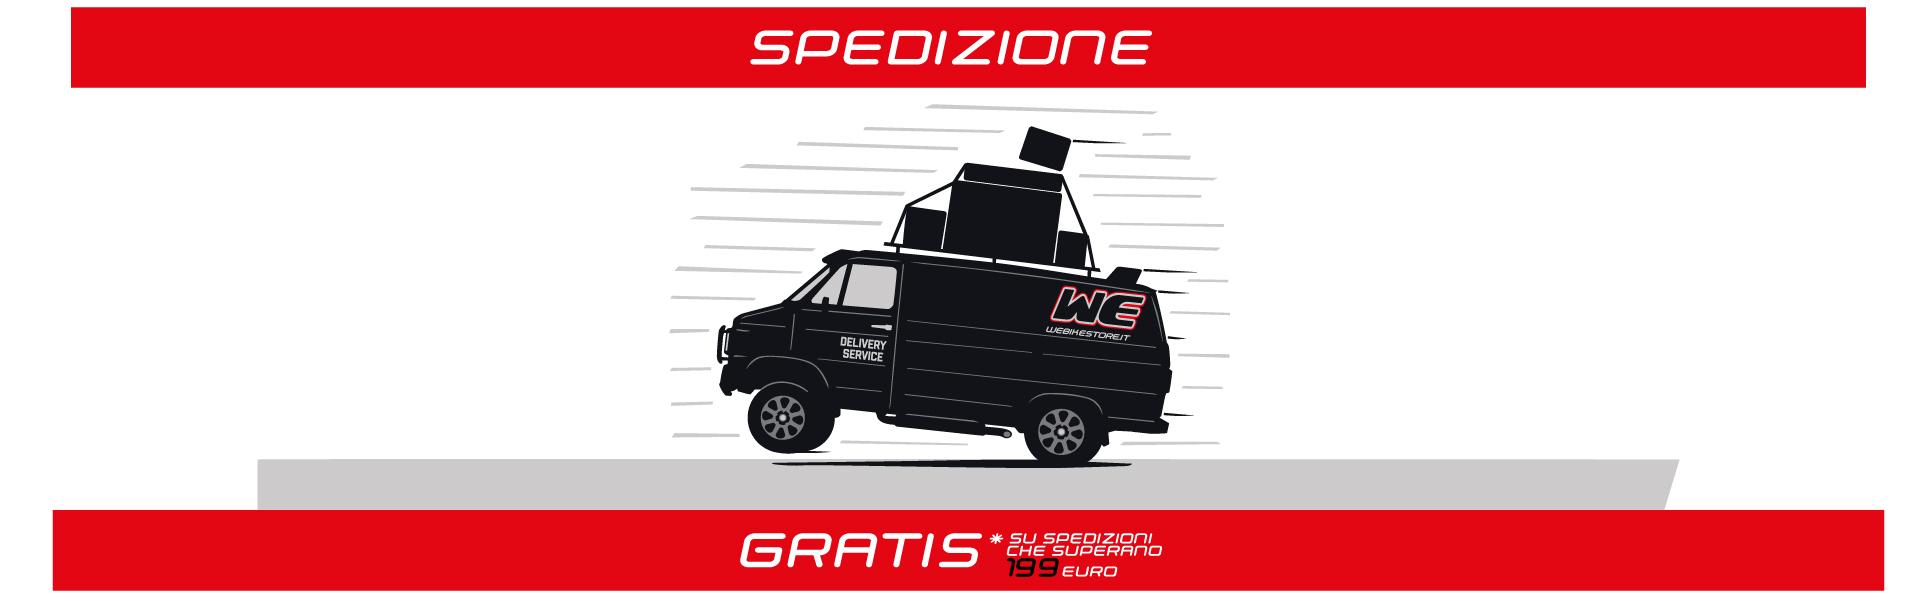 Sorry only Italy spedizione gratuita